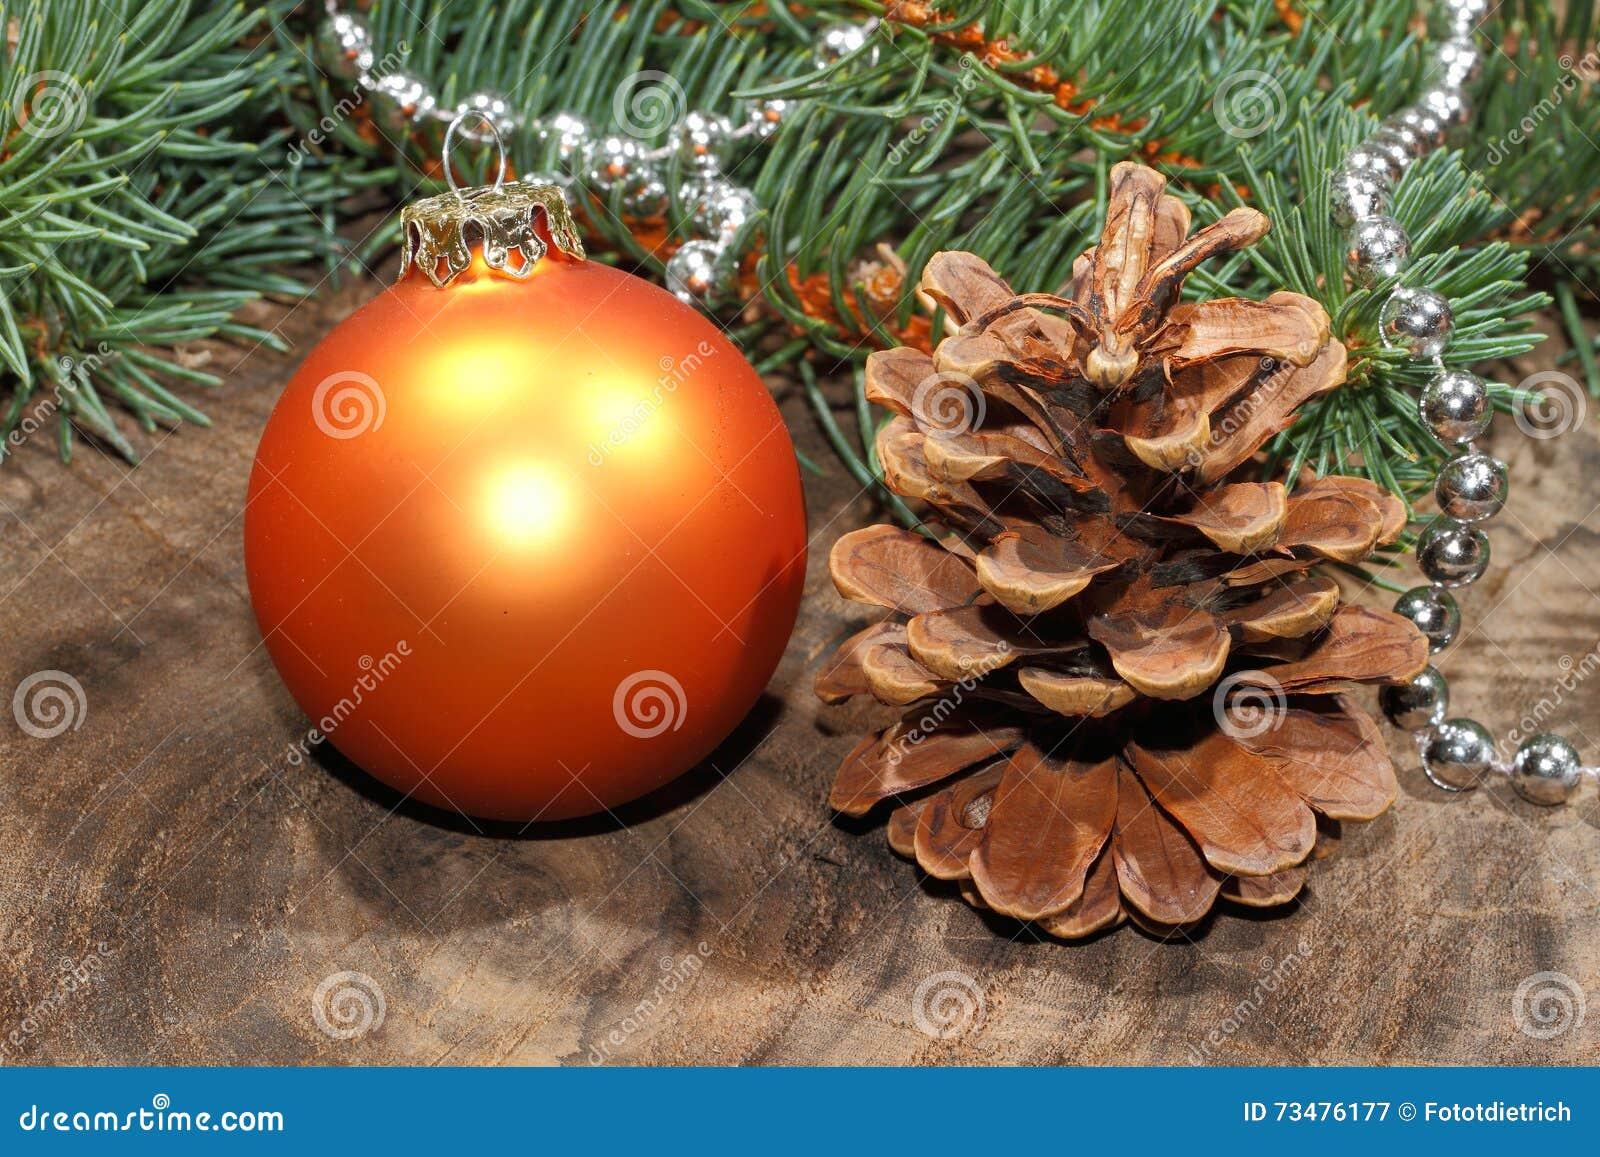 圣诞节装饰,圣诞节球,土气木板